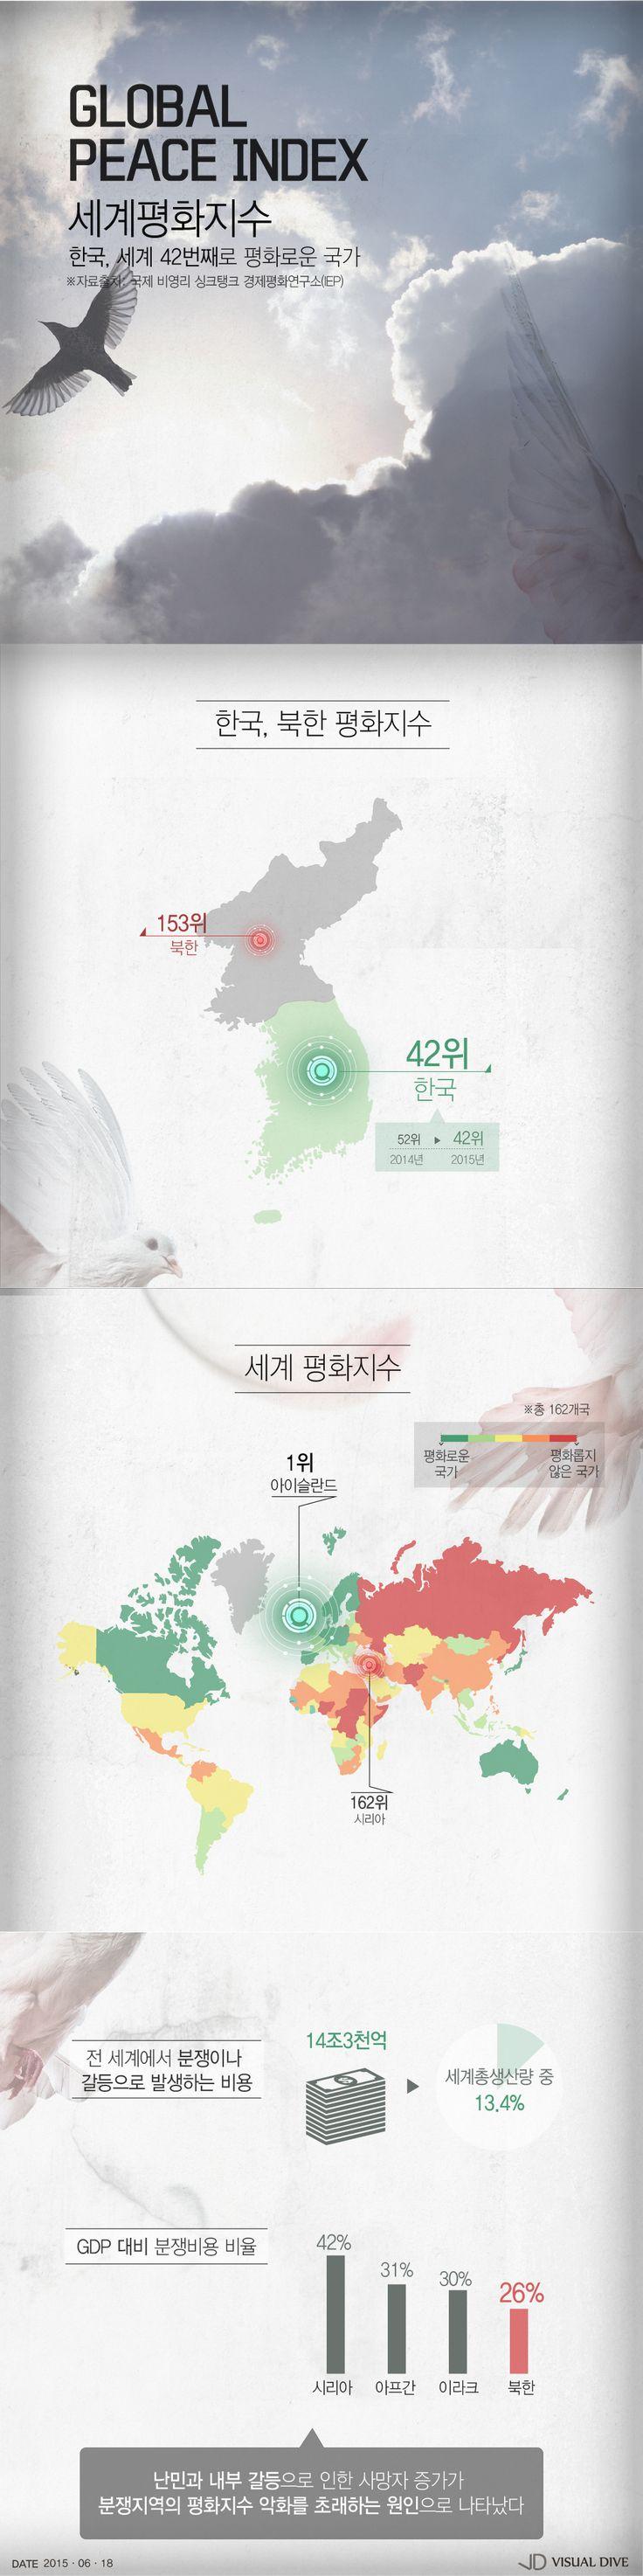 대한민국은 세계에서 몇 번째로 평화로울까 [인포그래픽] #Peace / #Infographic ⓒ 비주얼다이브 무단 복사·전재·재배포 금지